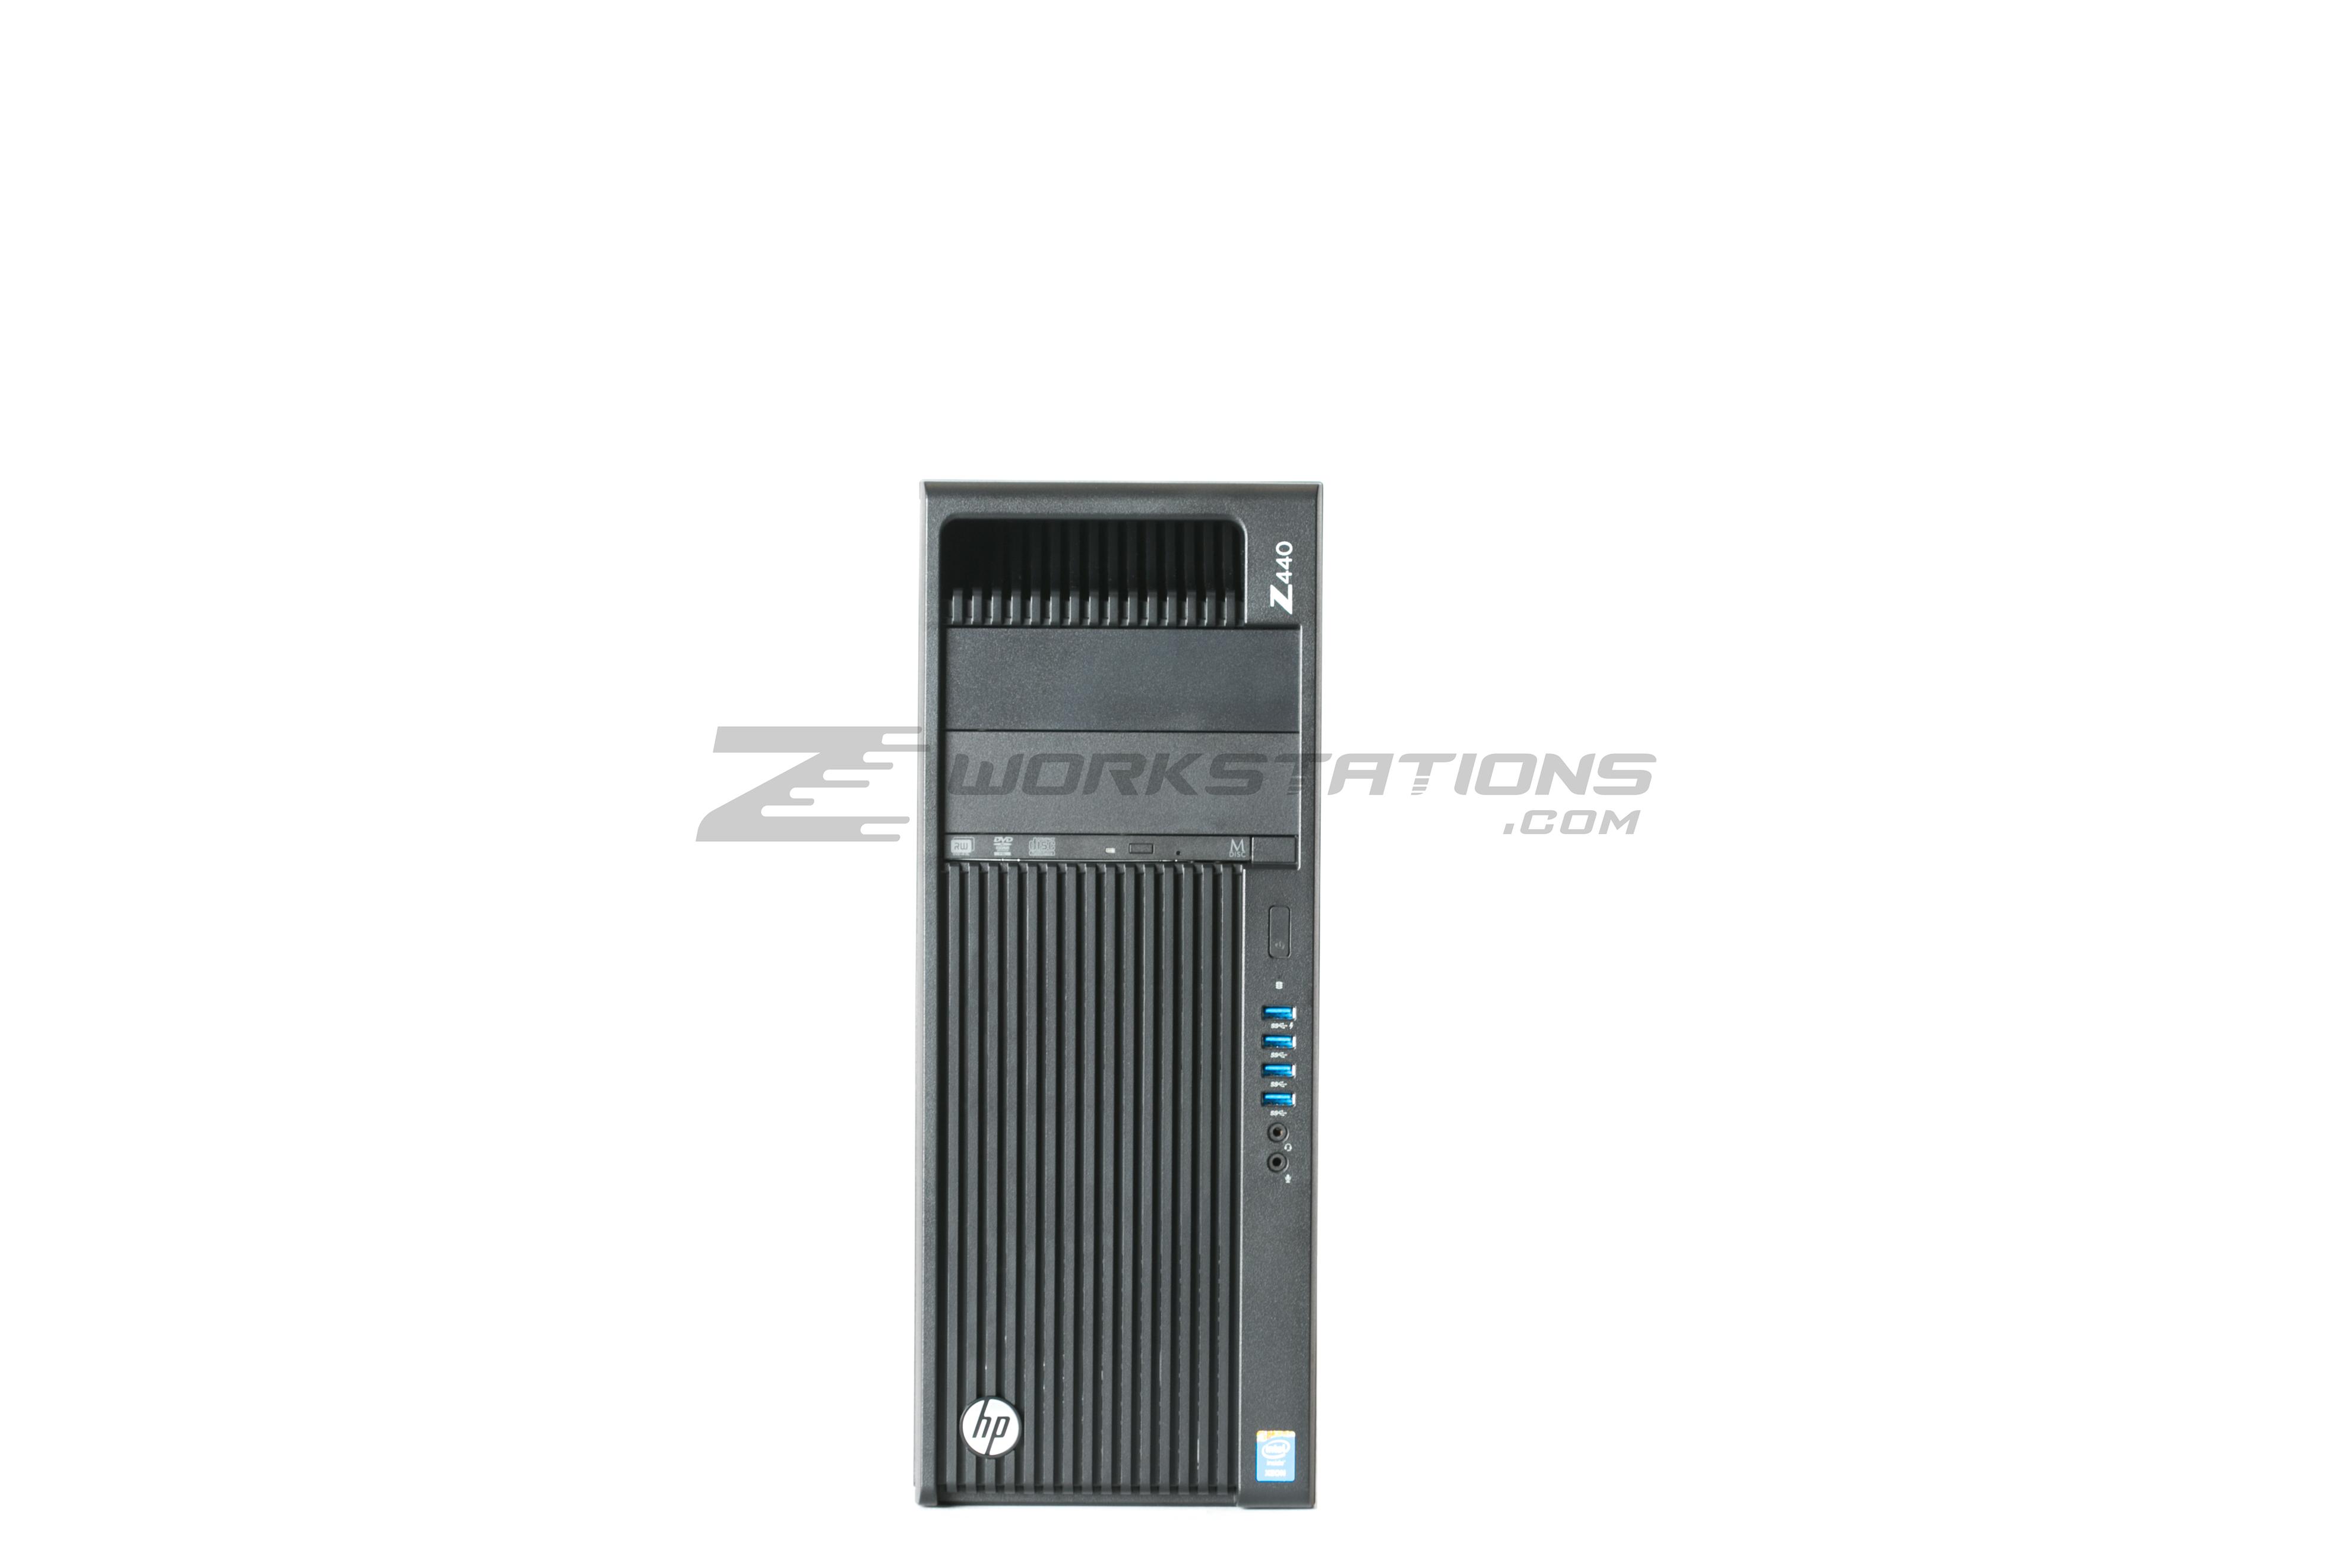 HP Z440 Workstation | ZWorkstations com